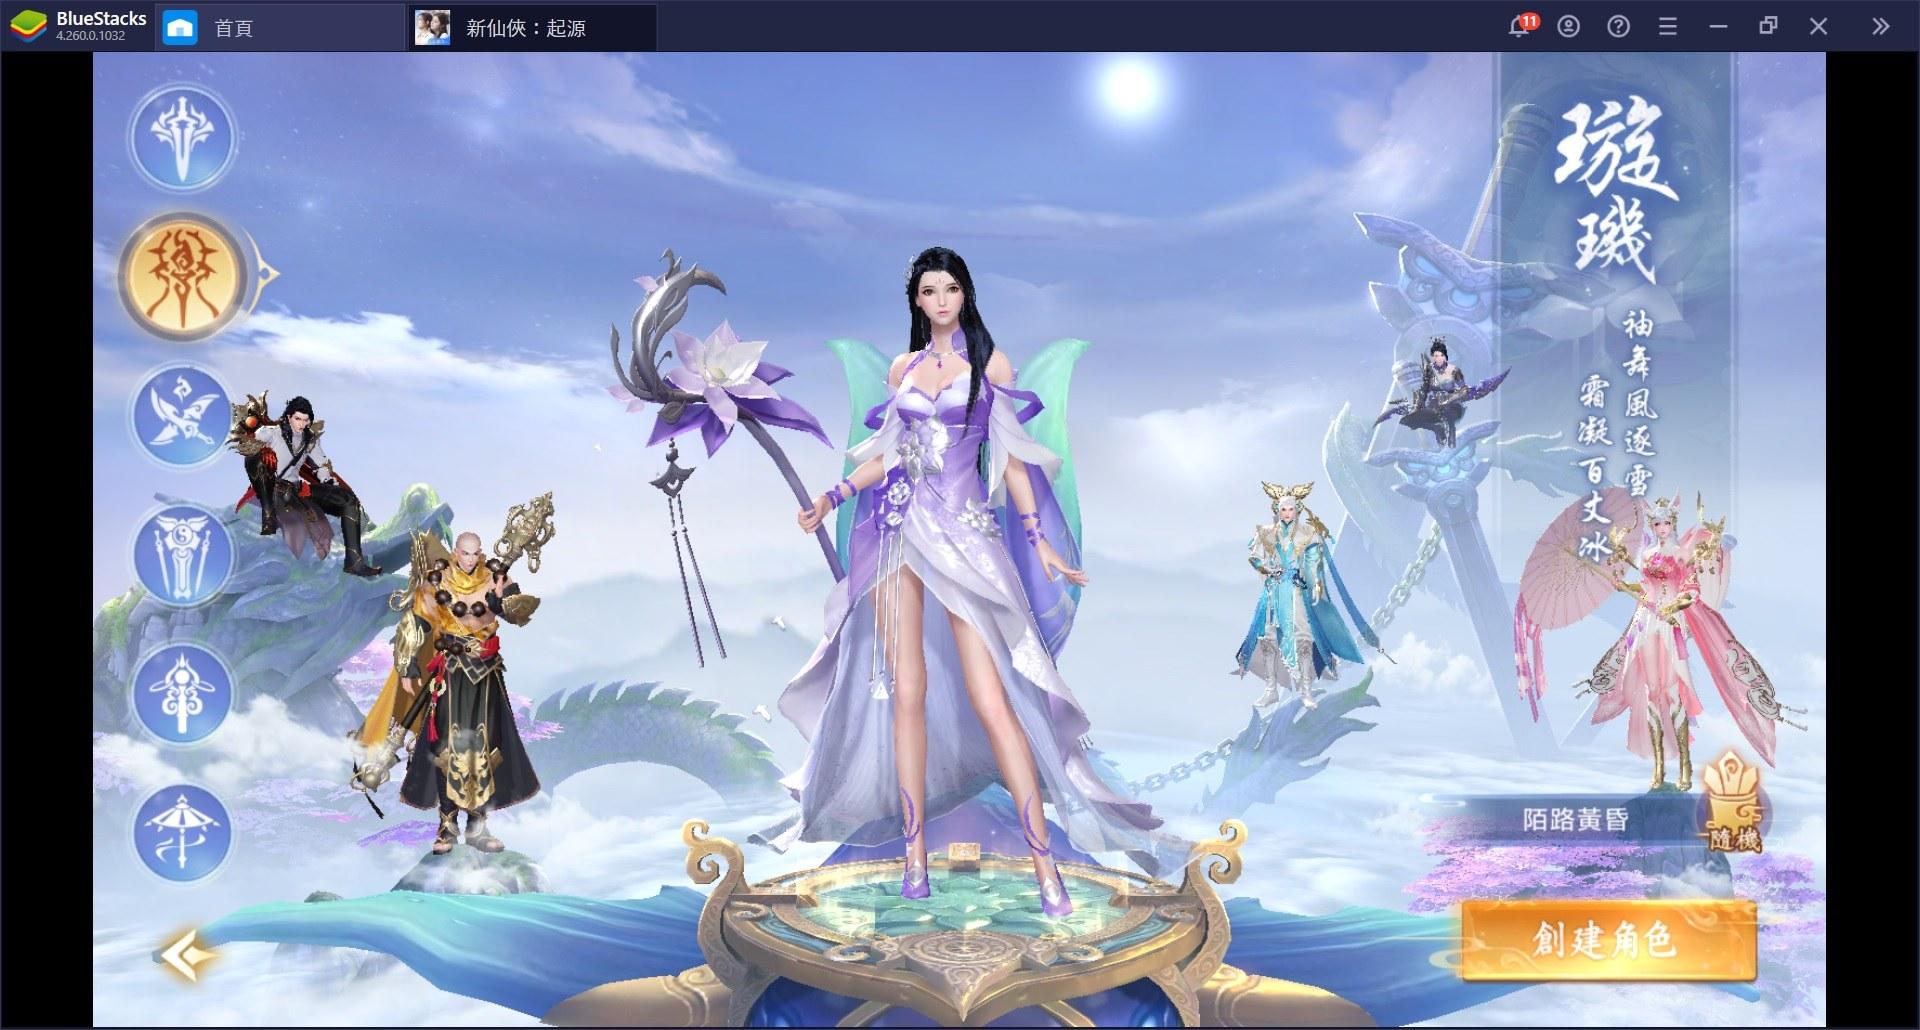 《新仙俠:起源》:「天罡」、「璇璣」、「魅影」和「凌霄」之技能介紹